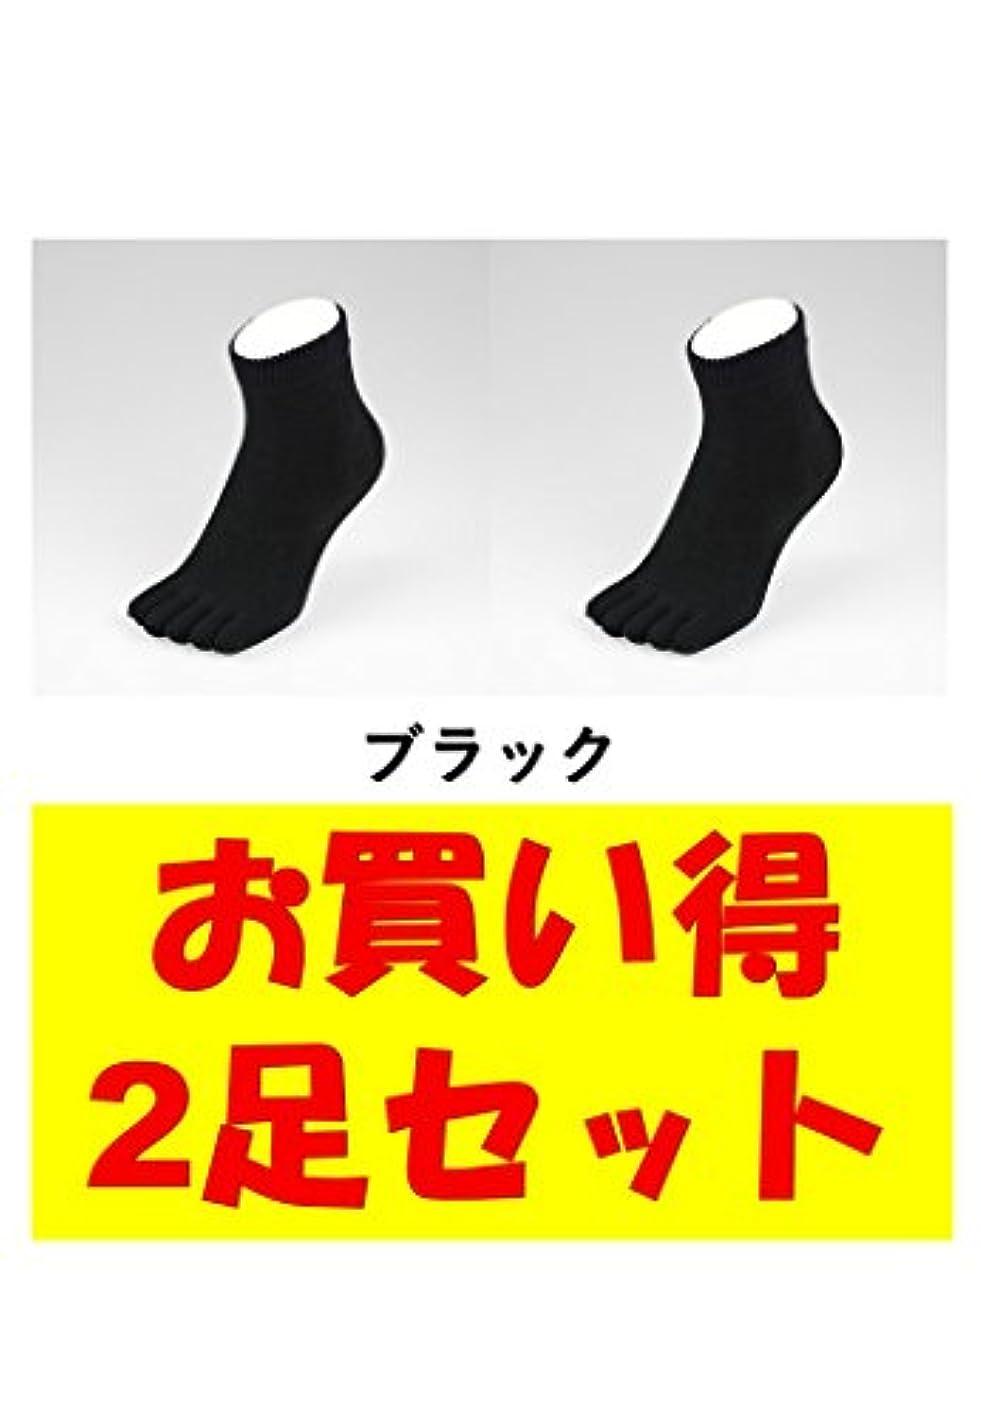 オリエント食器棚注目すべきお買い得2足セット 5本指 ゆびのばソックス Neo EVE(イヴ) ブラック Sサイズ(21.0cm - 24.0cm) YSNEVE-BLK